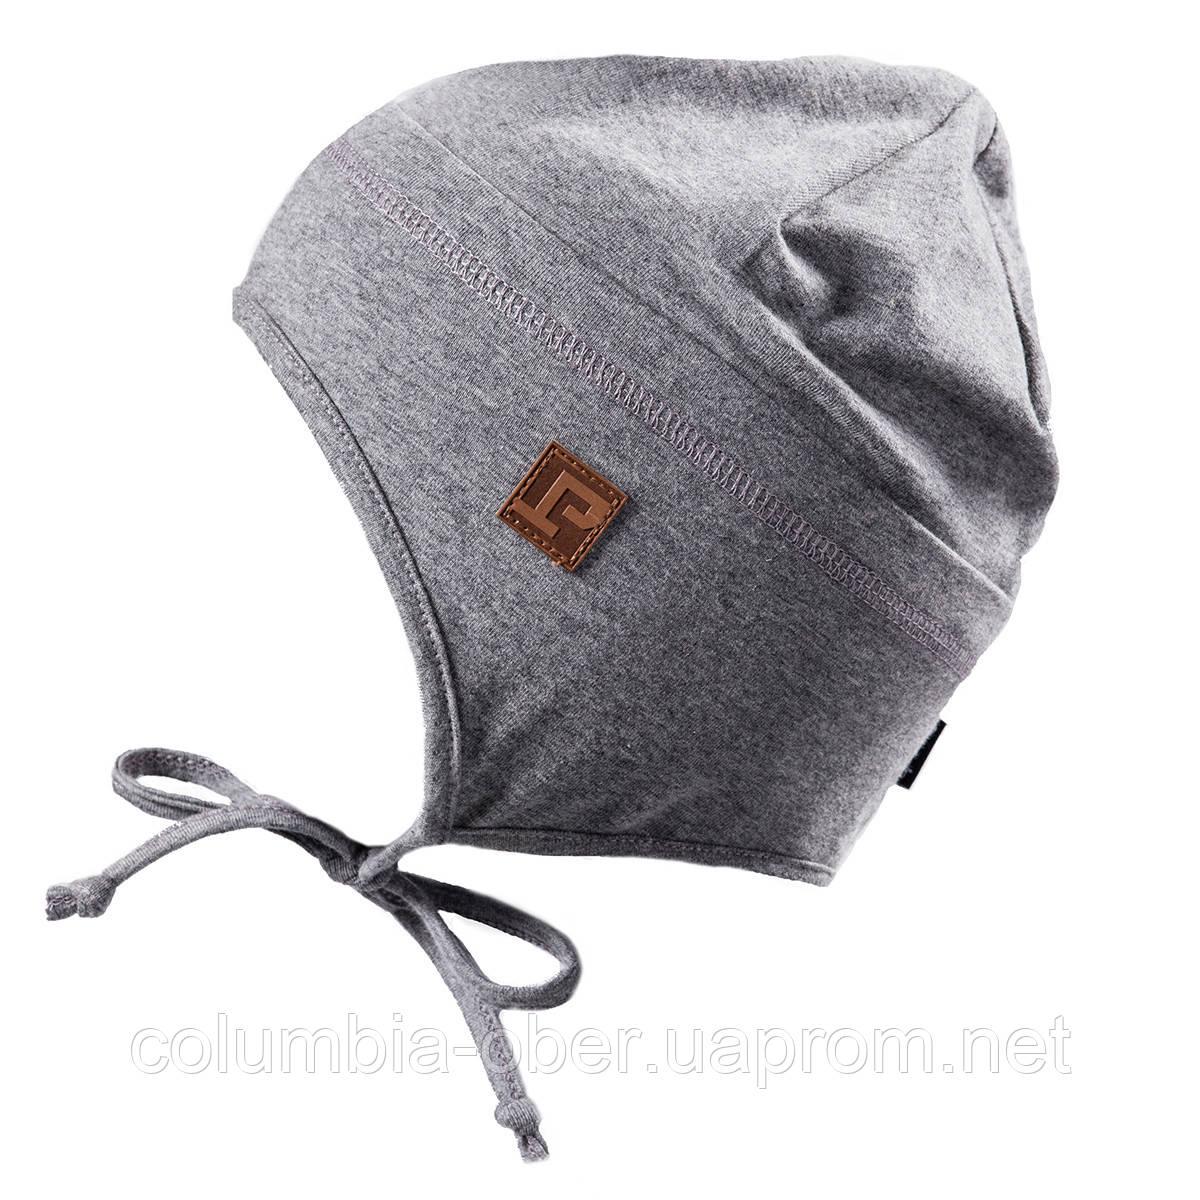 Демисезонная шапка для мальчика Peluche S18 TU 57 EG Gray Mix. Размеры 3/5, 6/8.